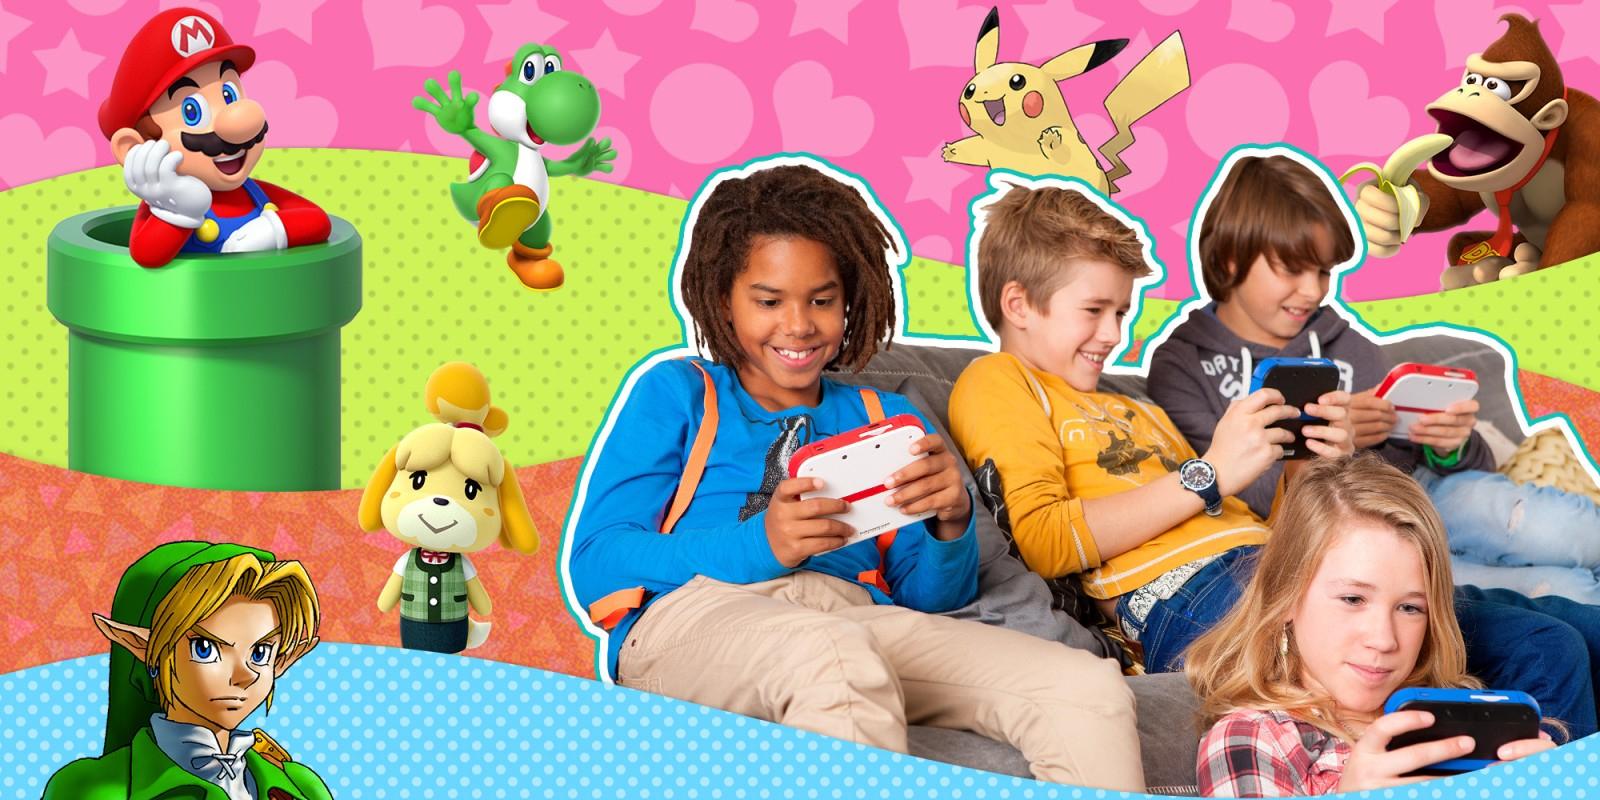 Jeux Nintendo Pour Les Enfants | Nintendo intérieur Jeux De Garcon Gratuit 3 Ans